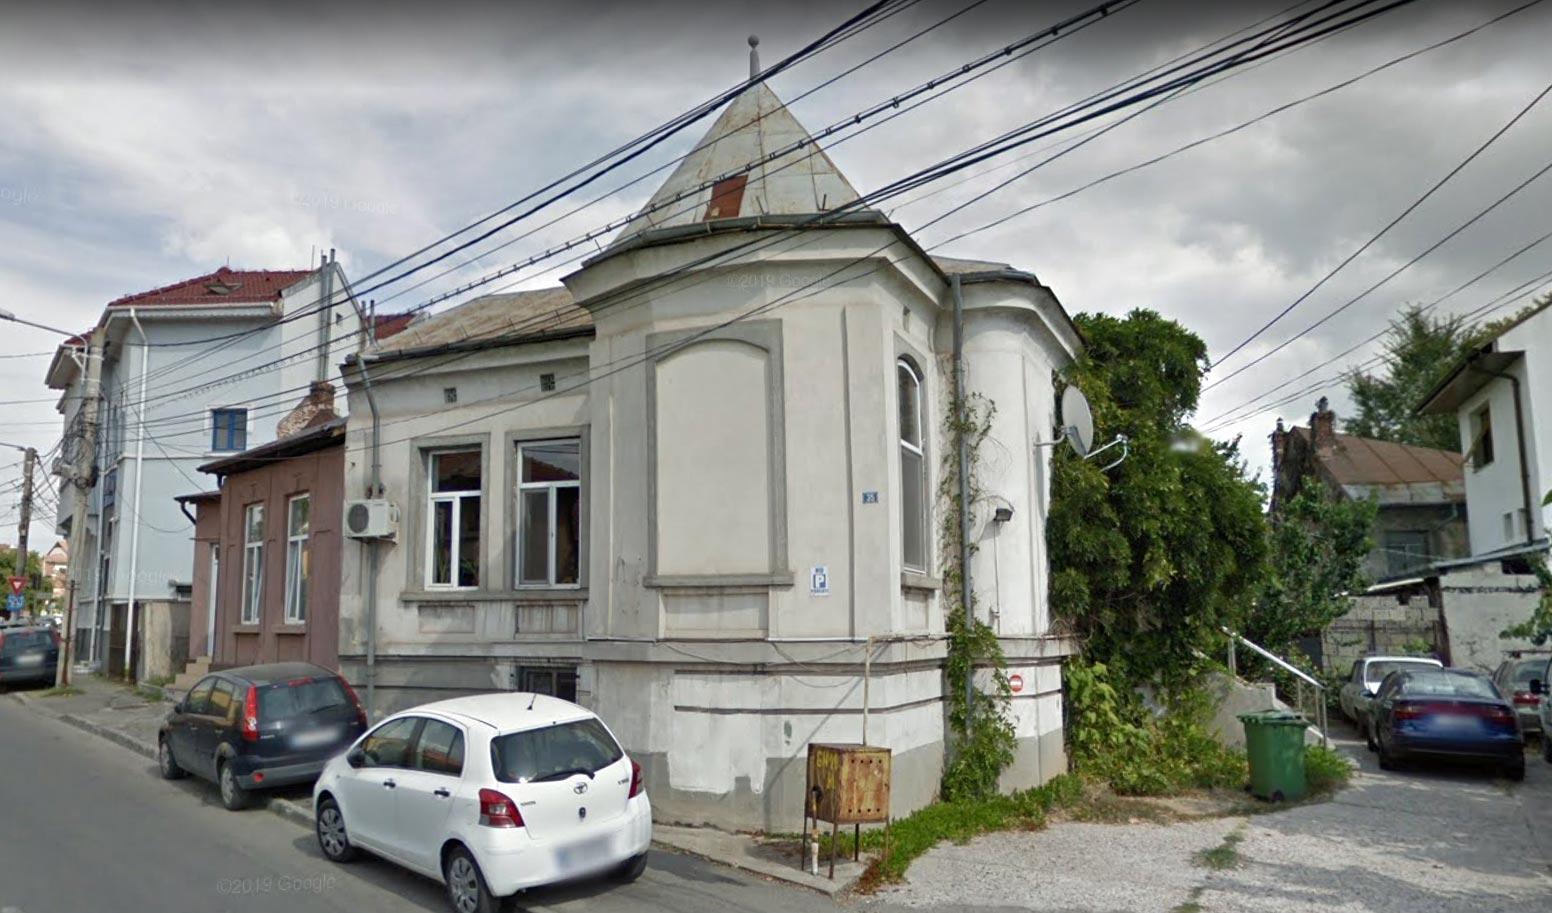 Casa D+P 126,60mp + teren intravilan 336mp, Craiova, jud. Dolj